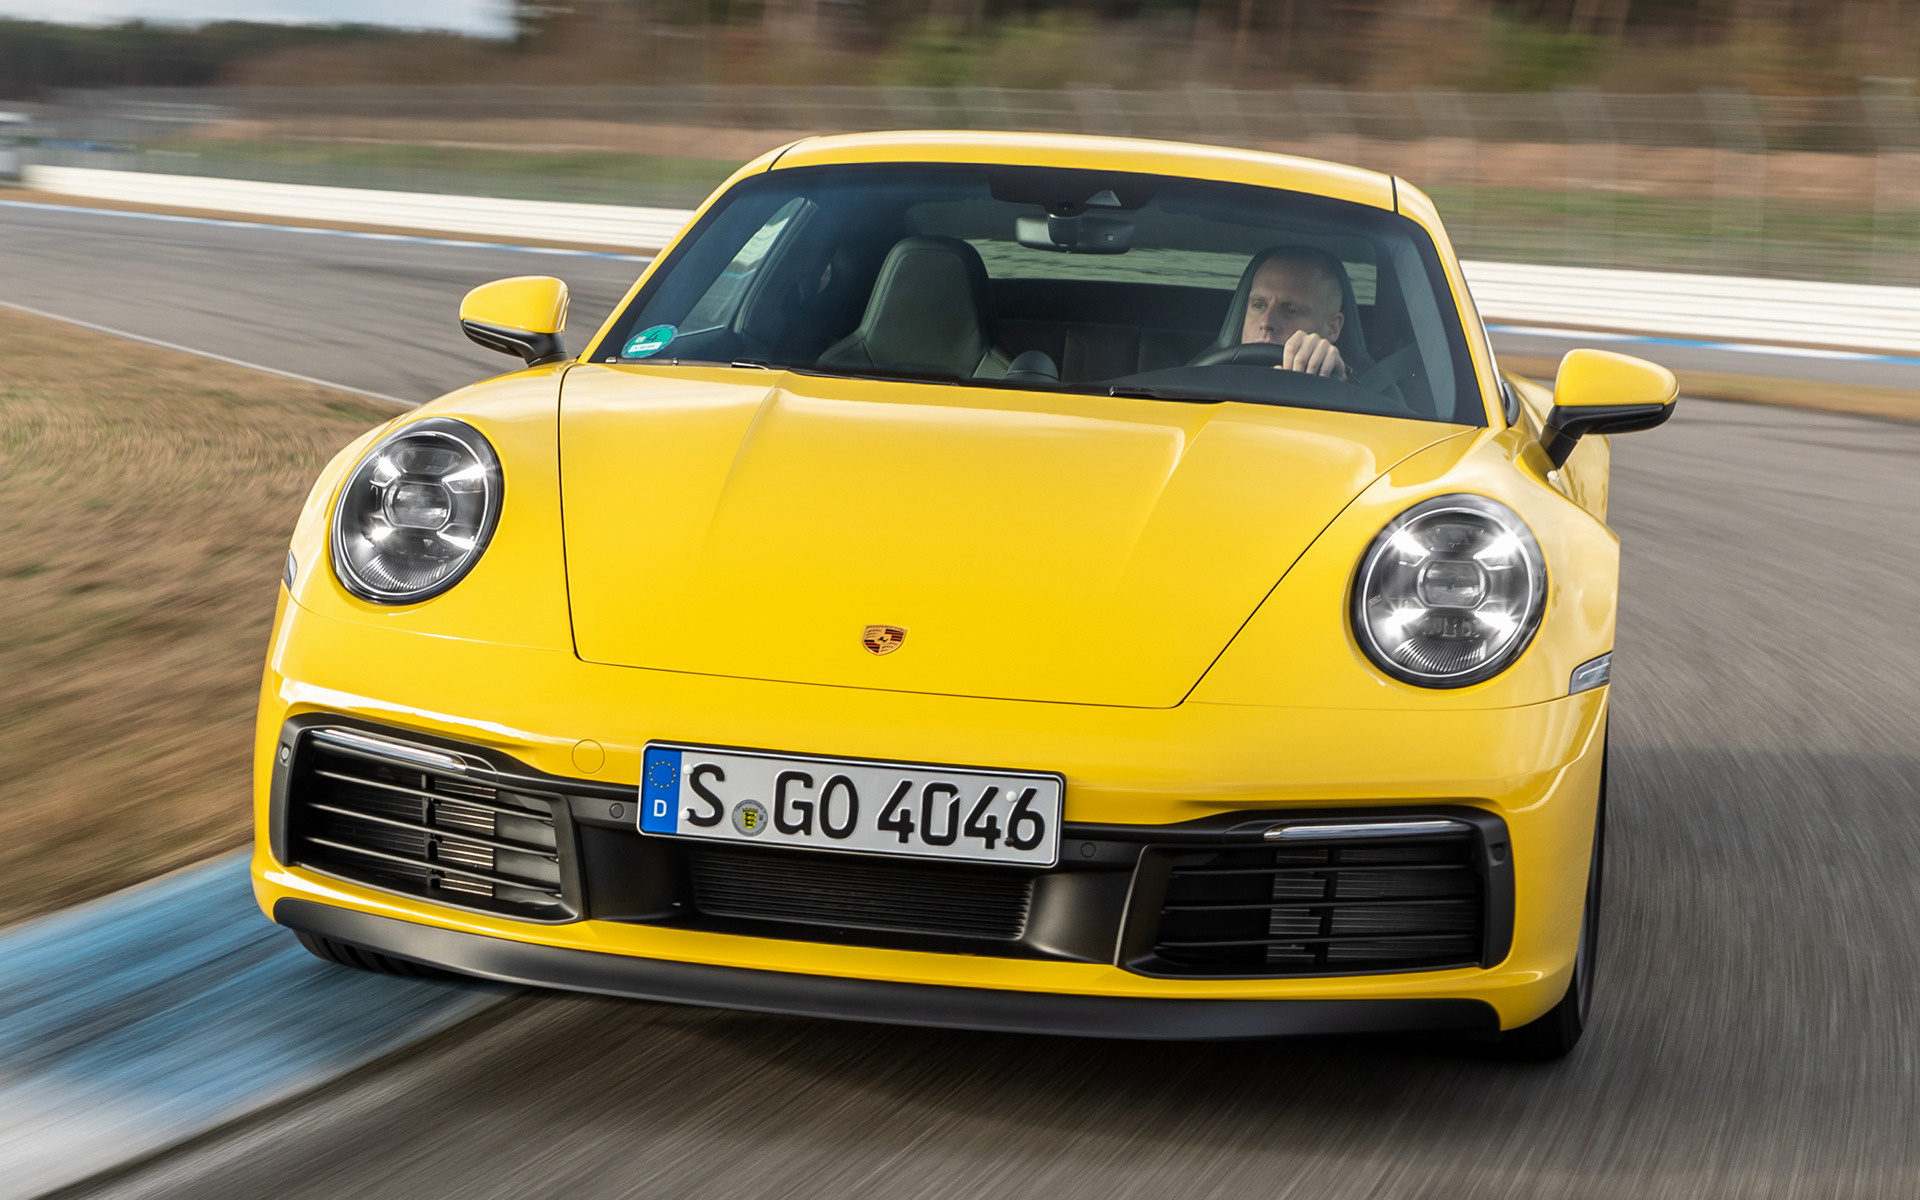 2019 Porsche 911 Carrera S Fondos De Pantalla E Imágenes